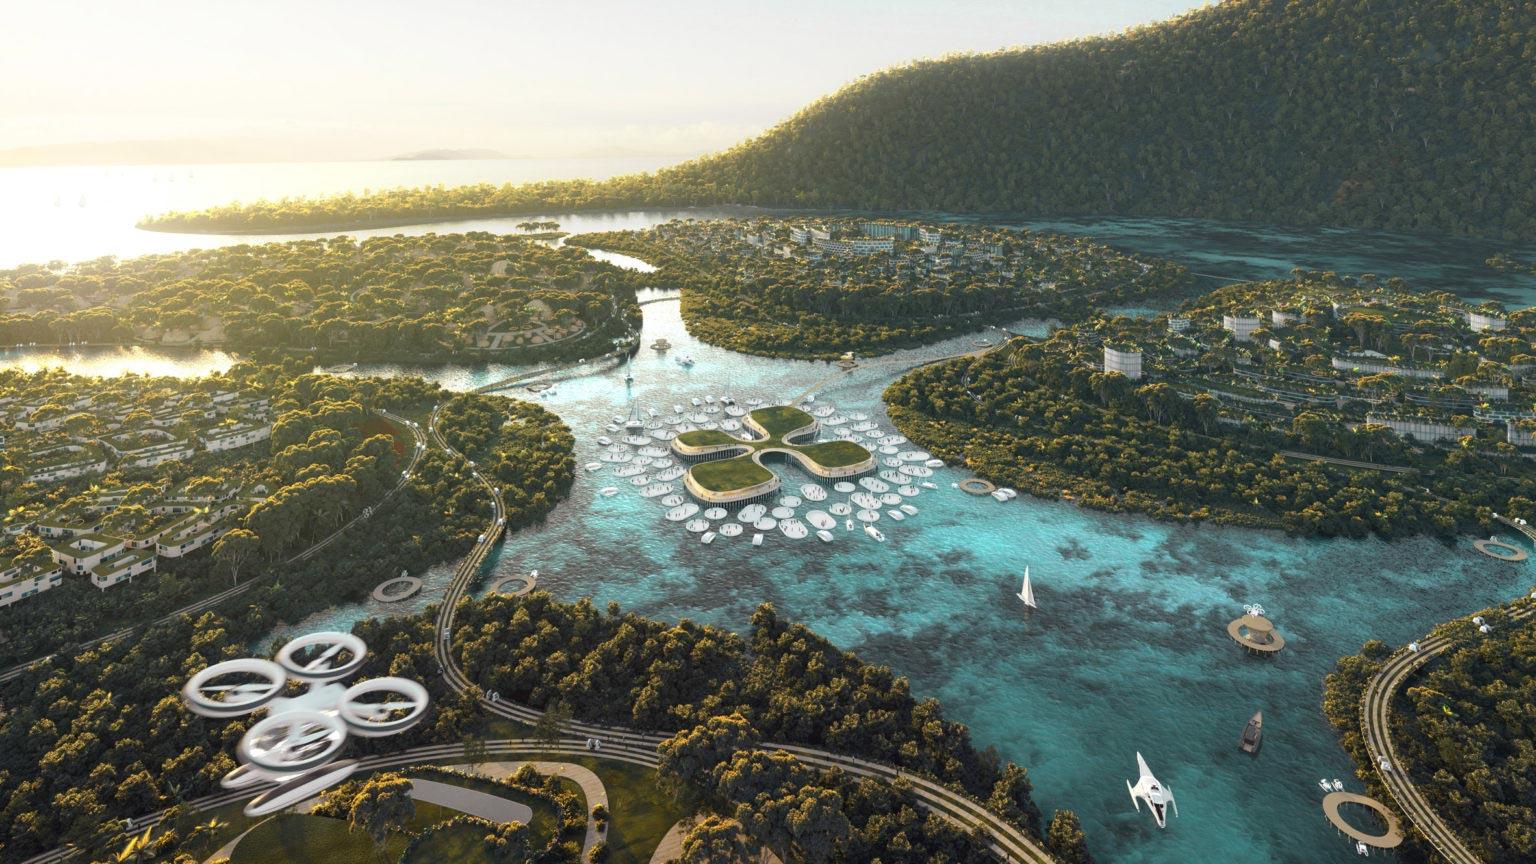 У Малайзії побудують екологічне місто майбутнього на трьох штучних островах (ФОТО, ВІДЕО)